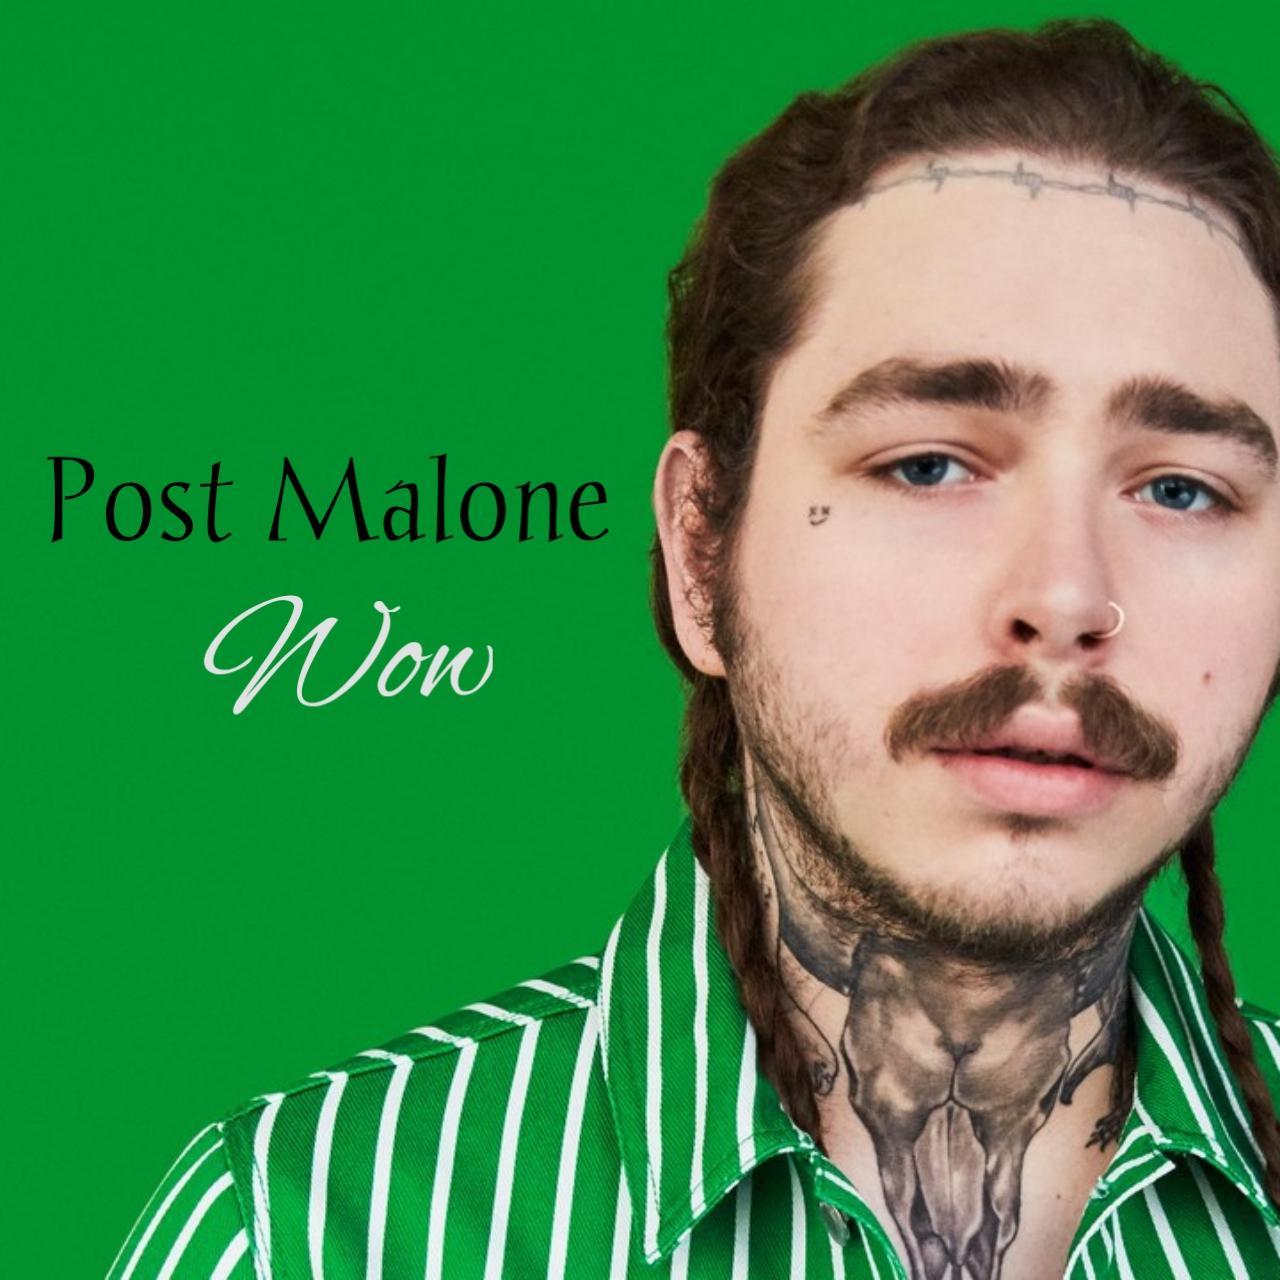 Lirik Lagu Wow Post Malone Dan Terjemahannya Kiky Lirik Musik